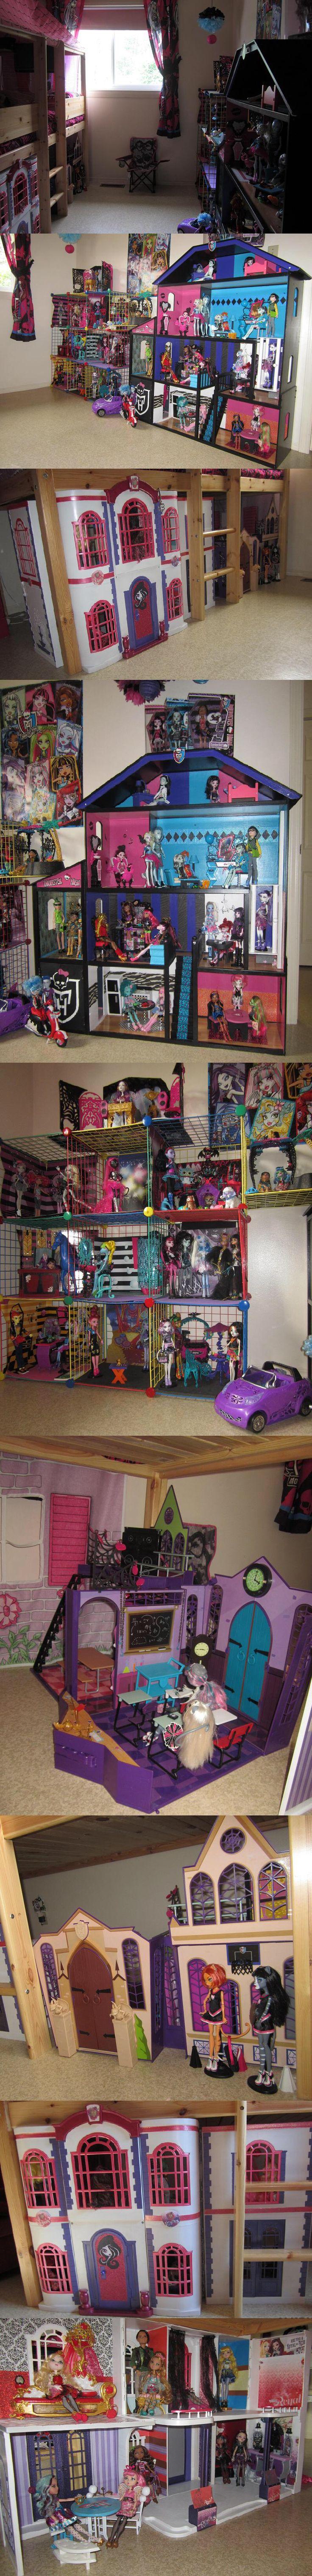 Monster High / Ever After High Bedroom